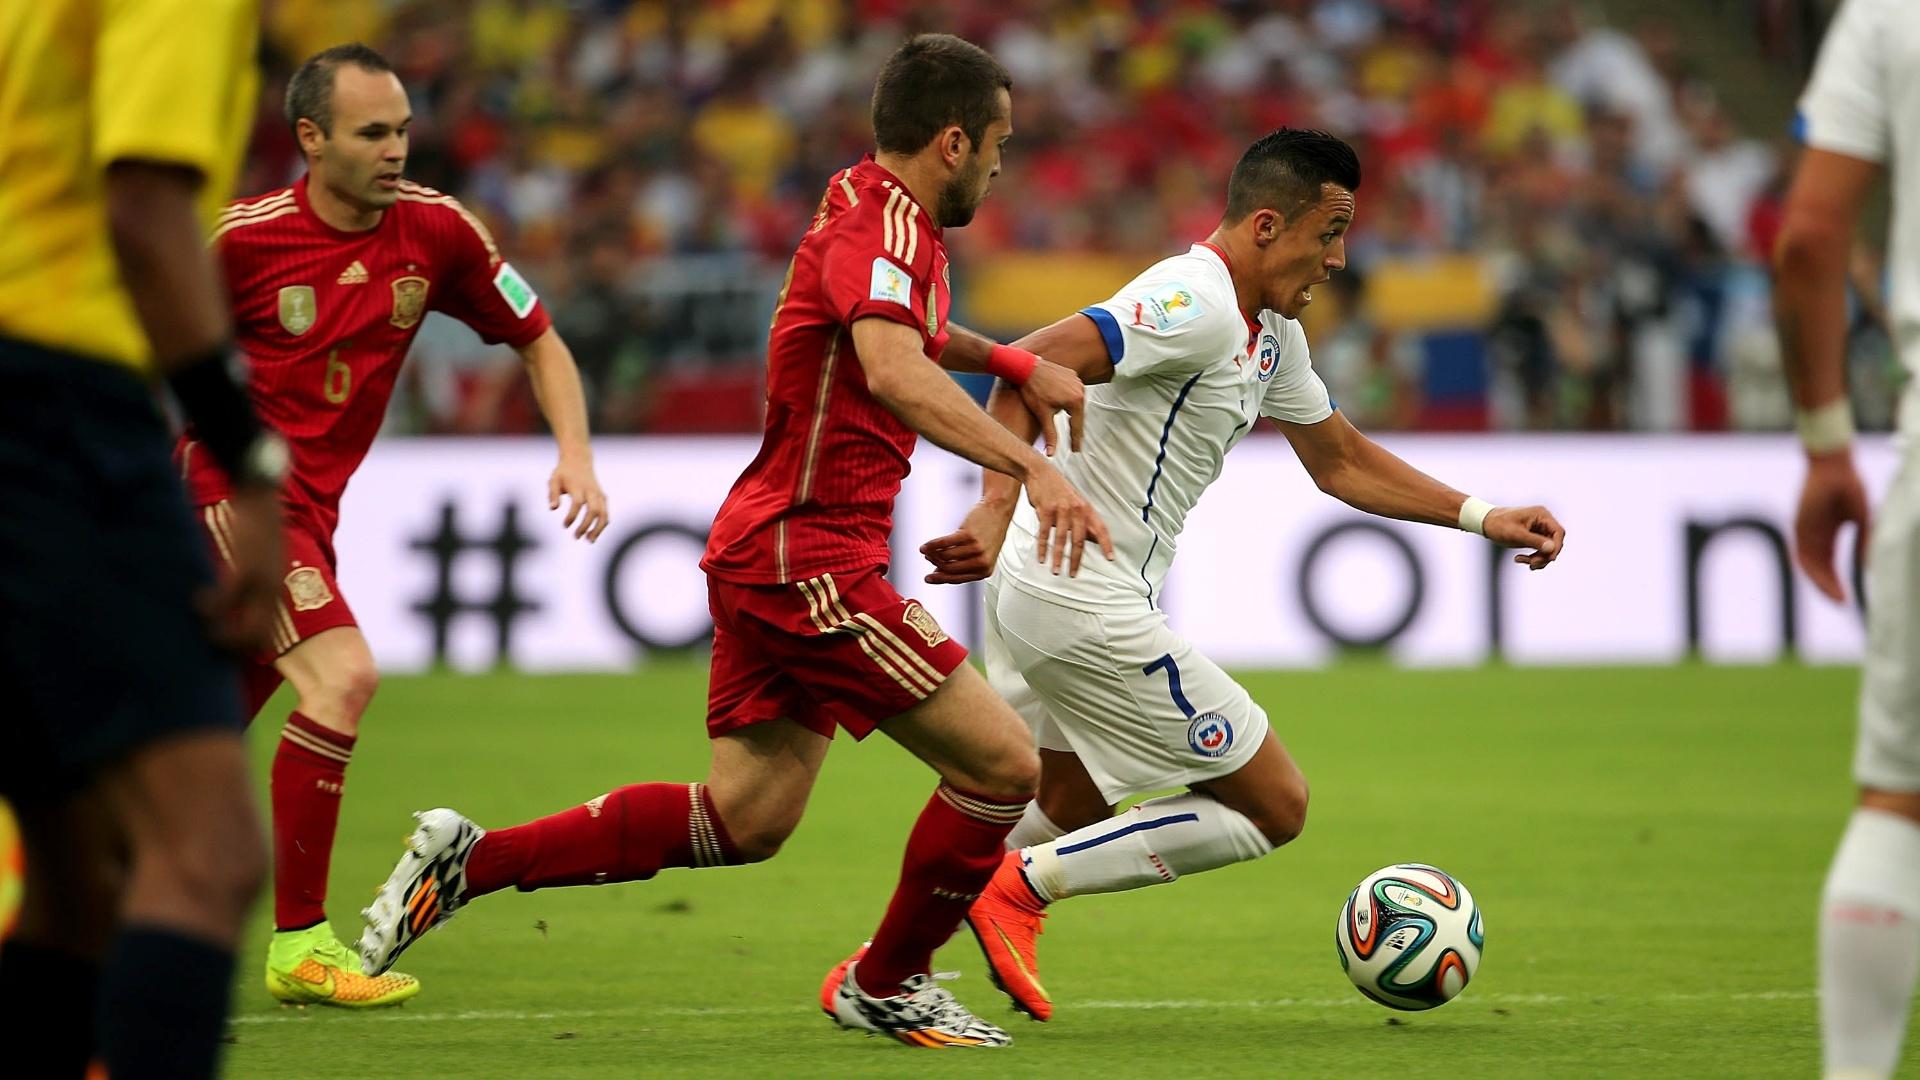 Alexis Sánchez tenta escapar da marcação de Alba no jogo do Chile contra a Espanha, no Maracanã